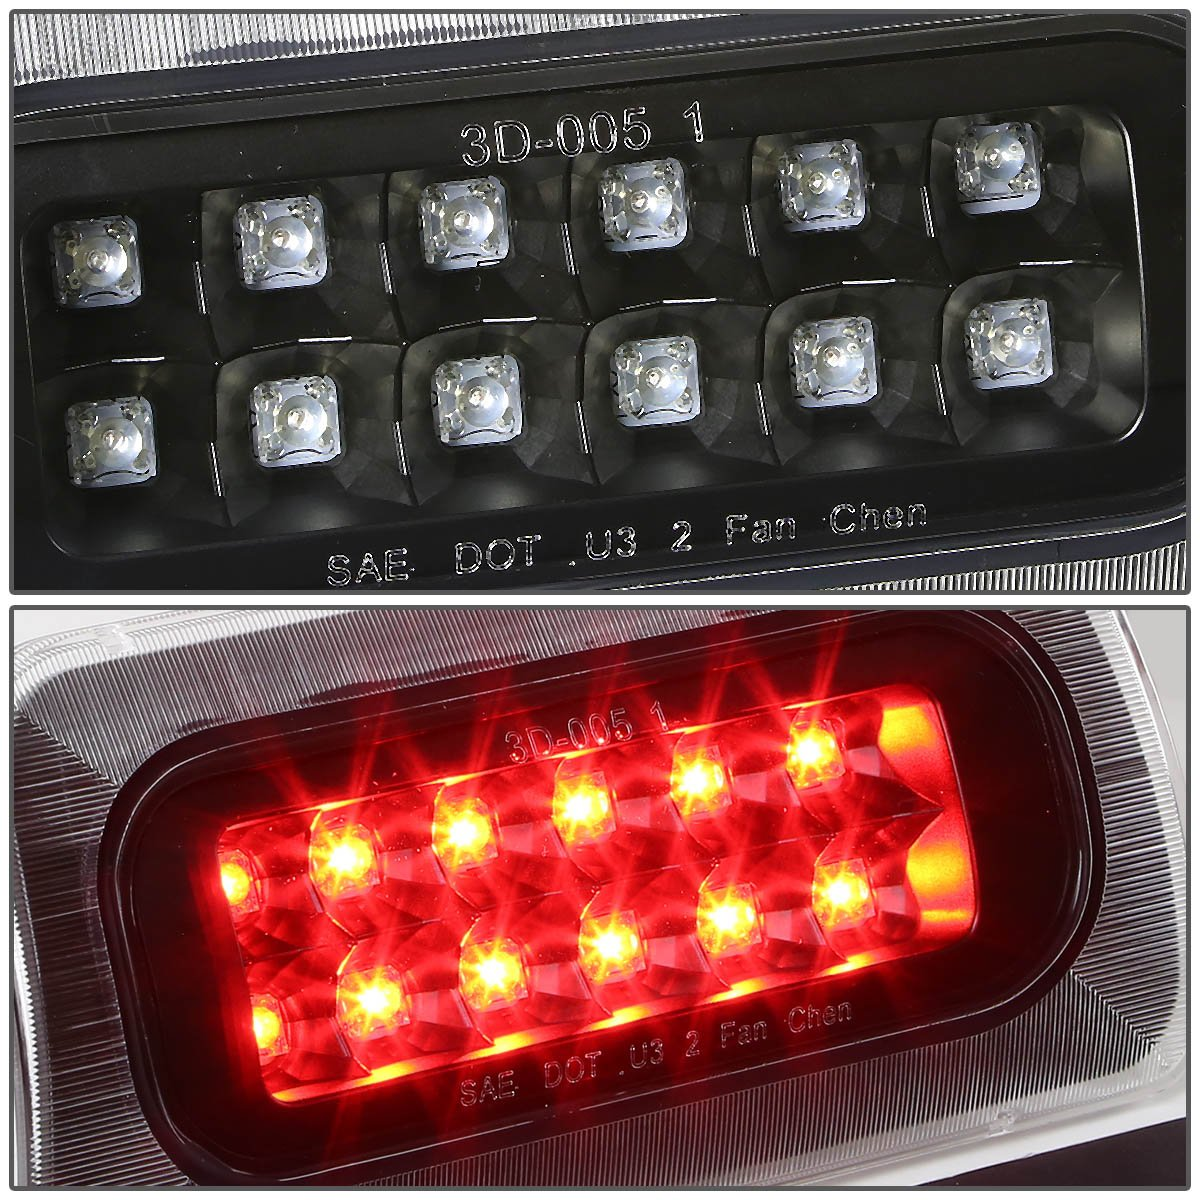 DNA Motoring 3BL-GMCSON-LED-SM Third Brake Light